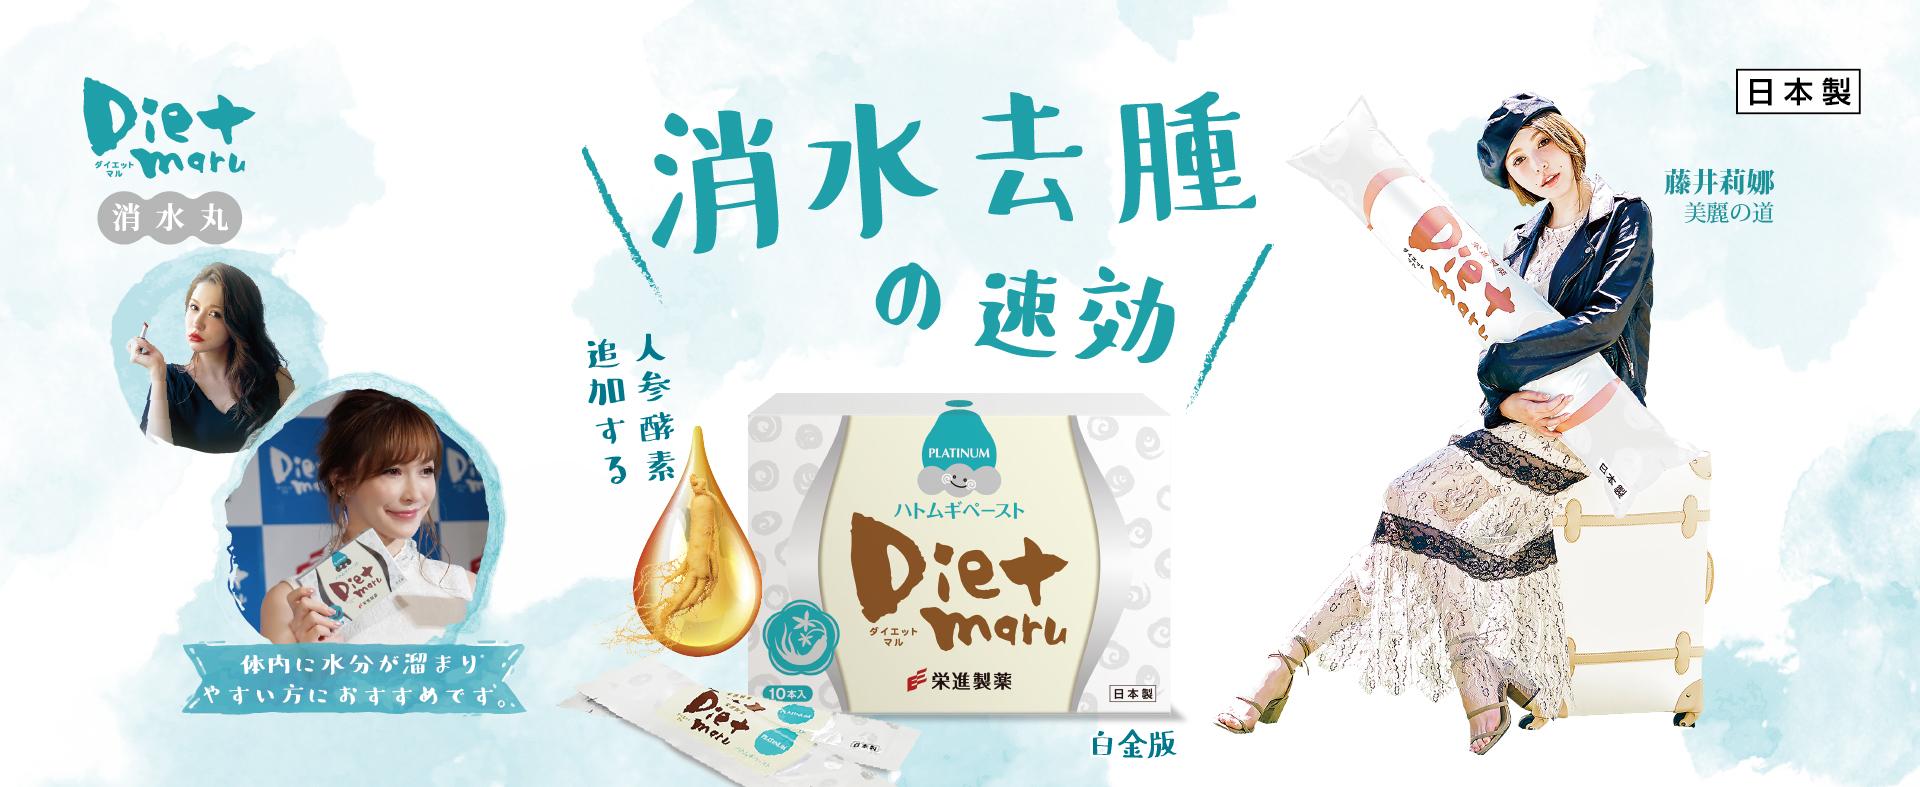 消水丸 白金,白金版消水丸,diet maru消水丸